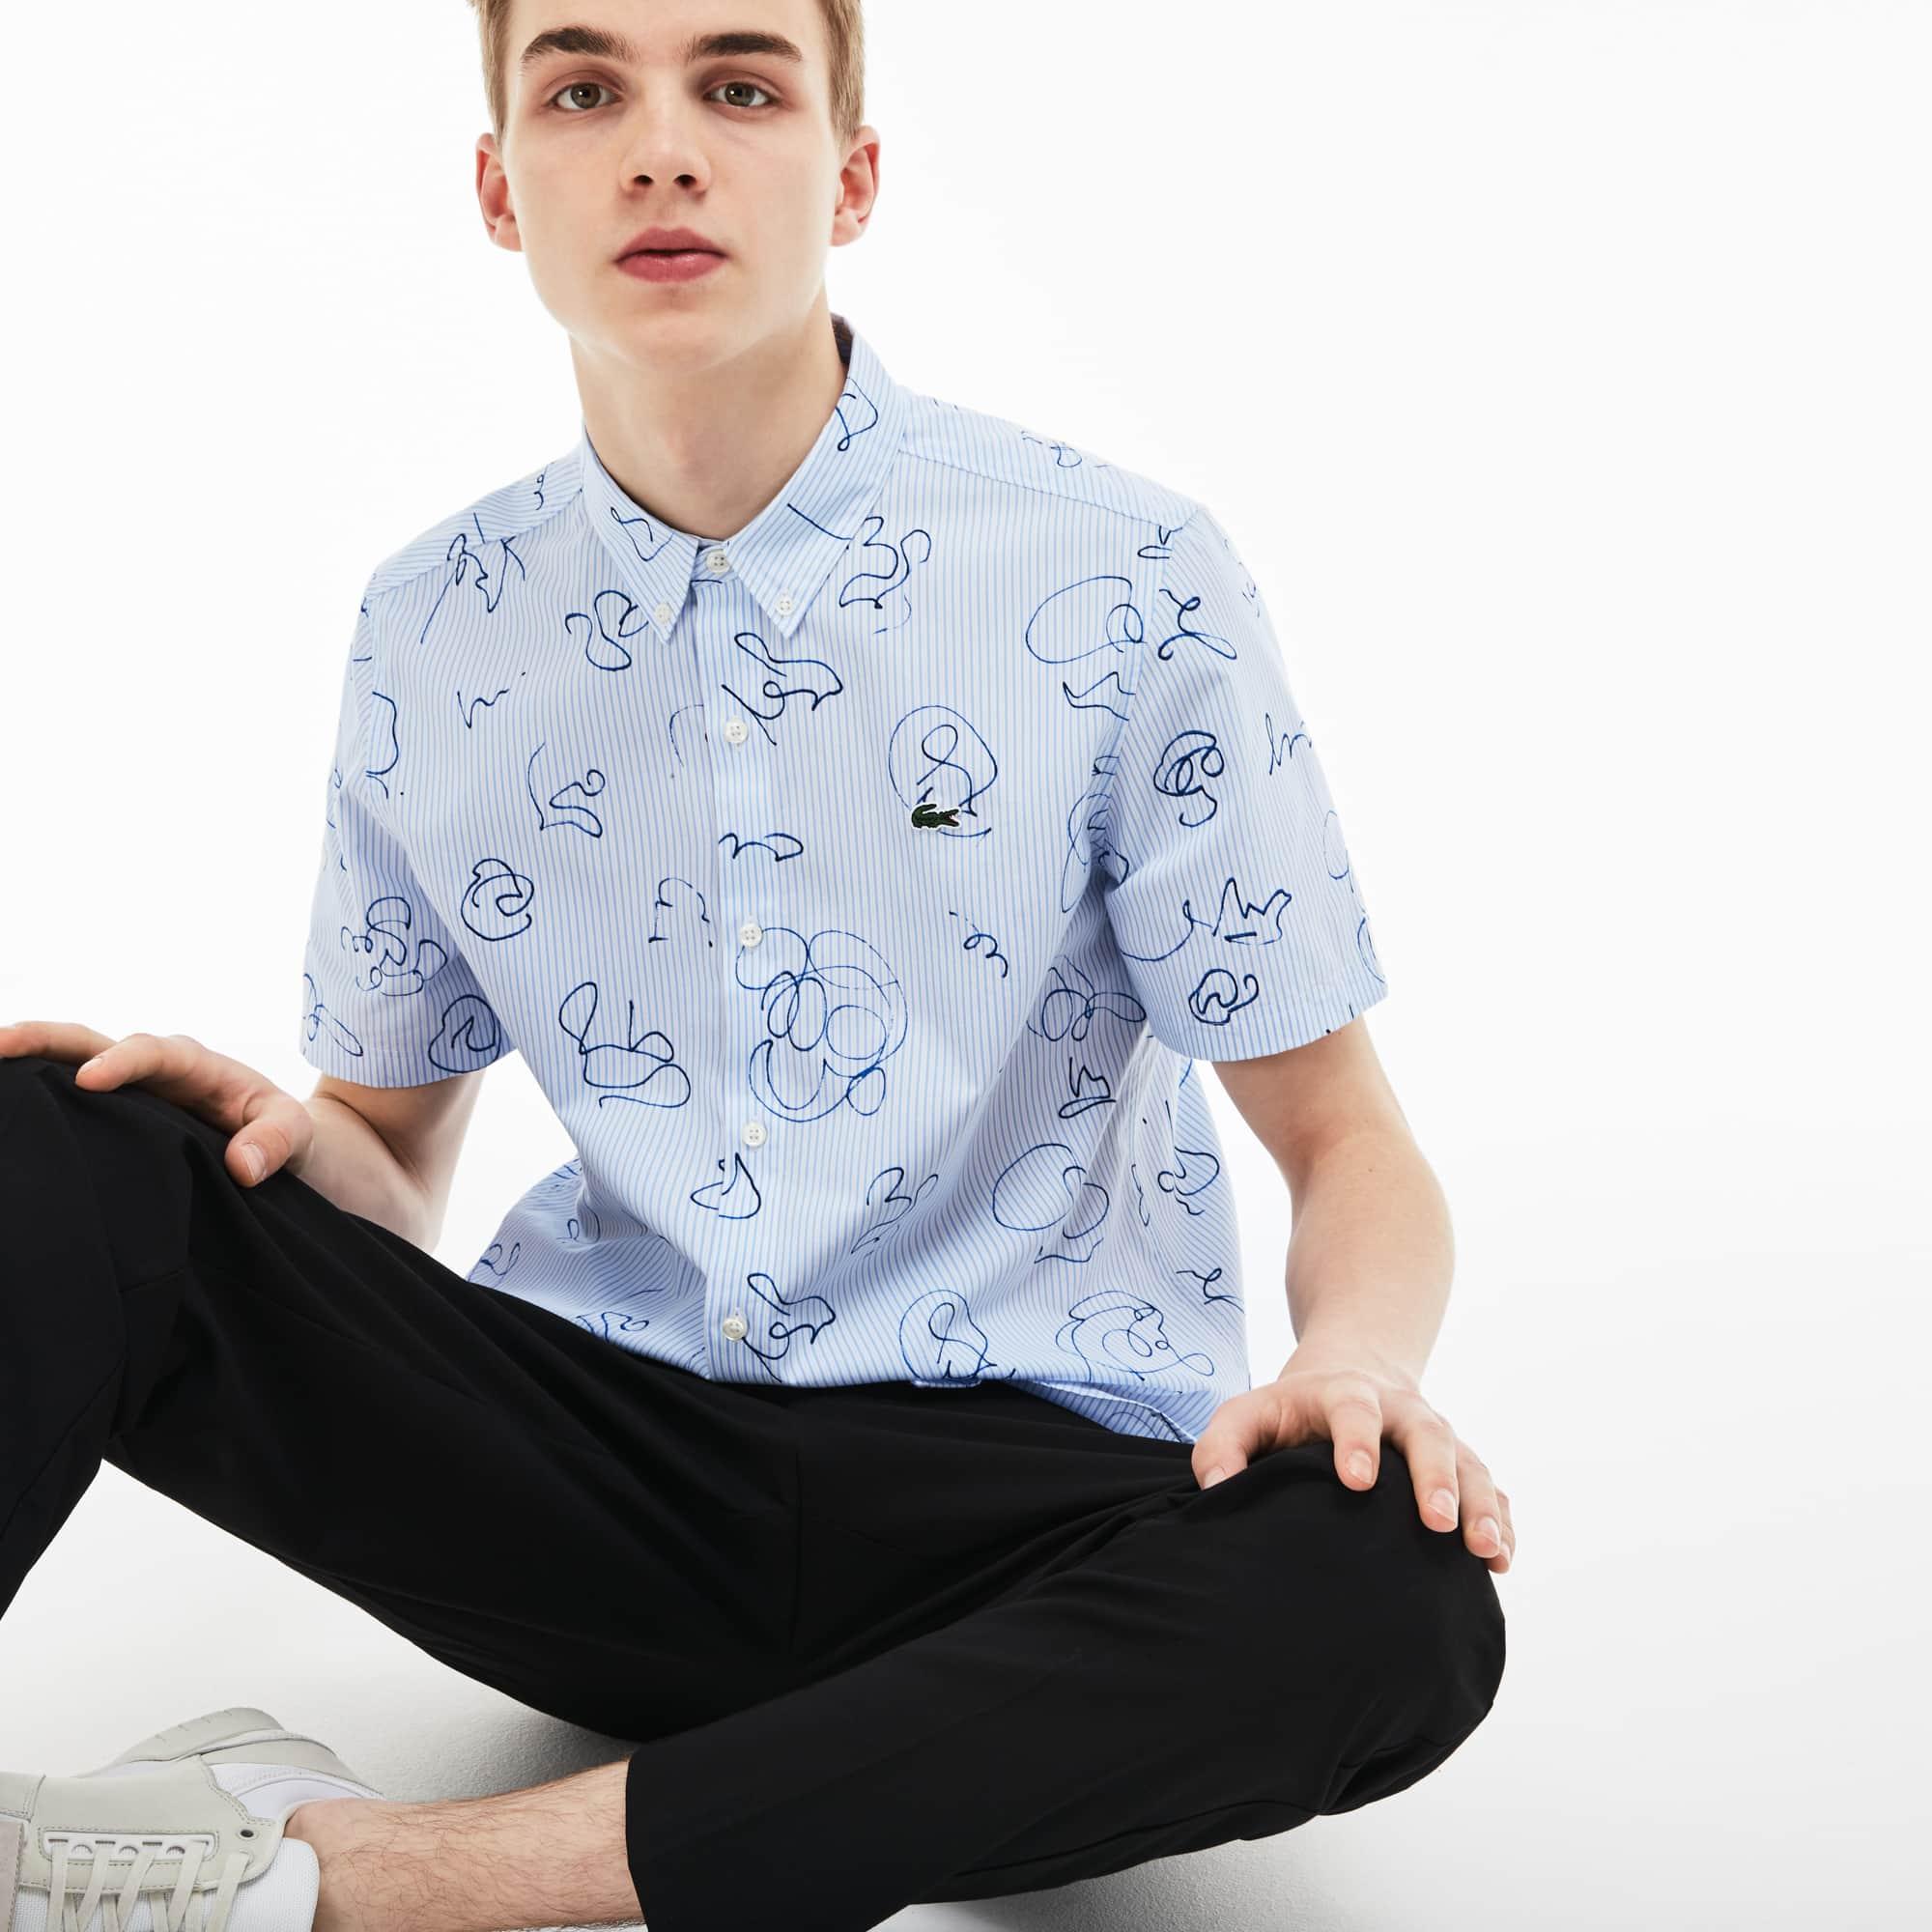 685fa451224a9 Camisas de manga curta - Masculinas